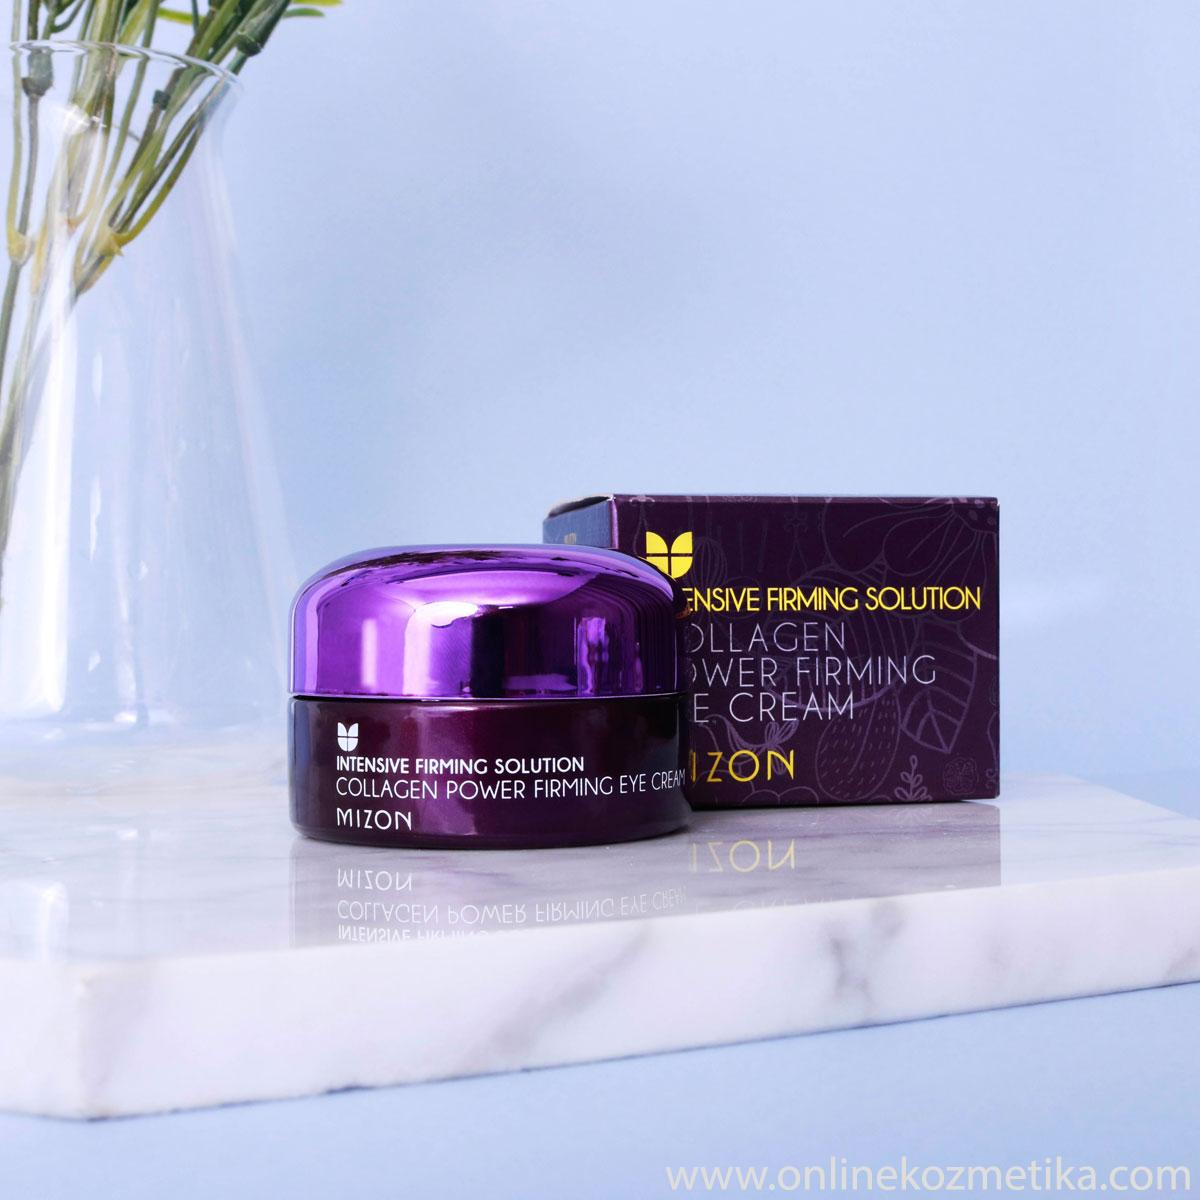 Mizon Collagen Power Firming Eye Cream 25 ml